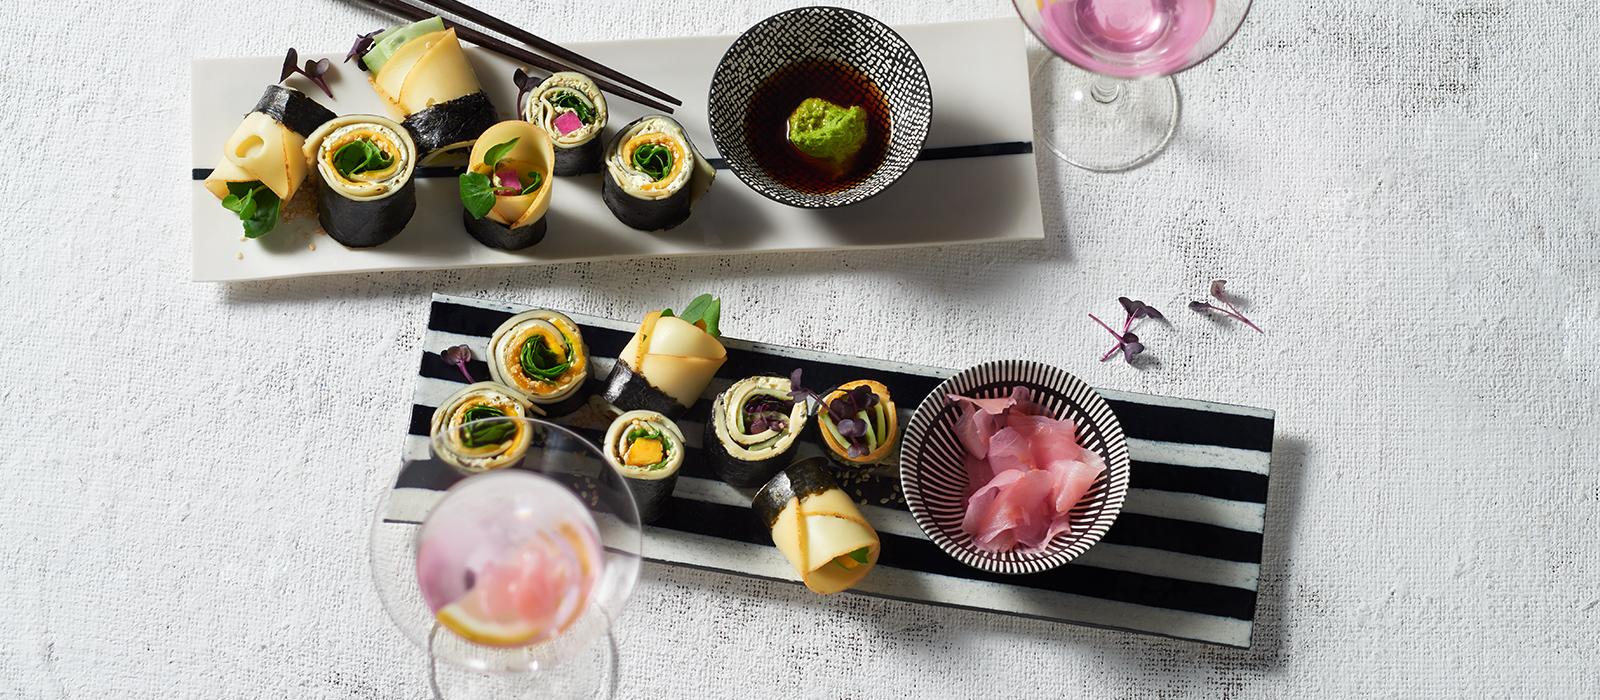 Fol Epi Classic Sushi